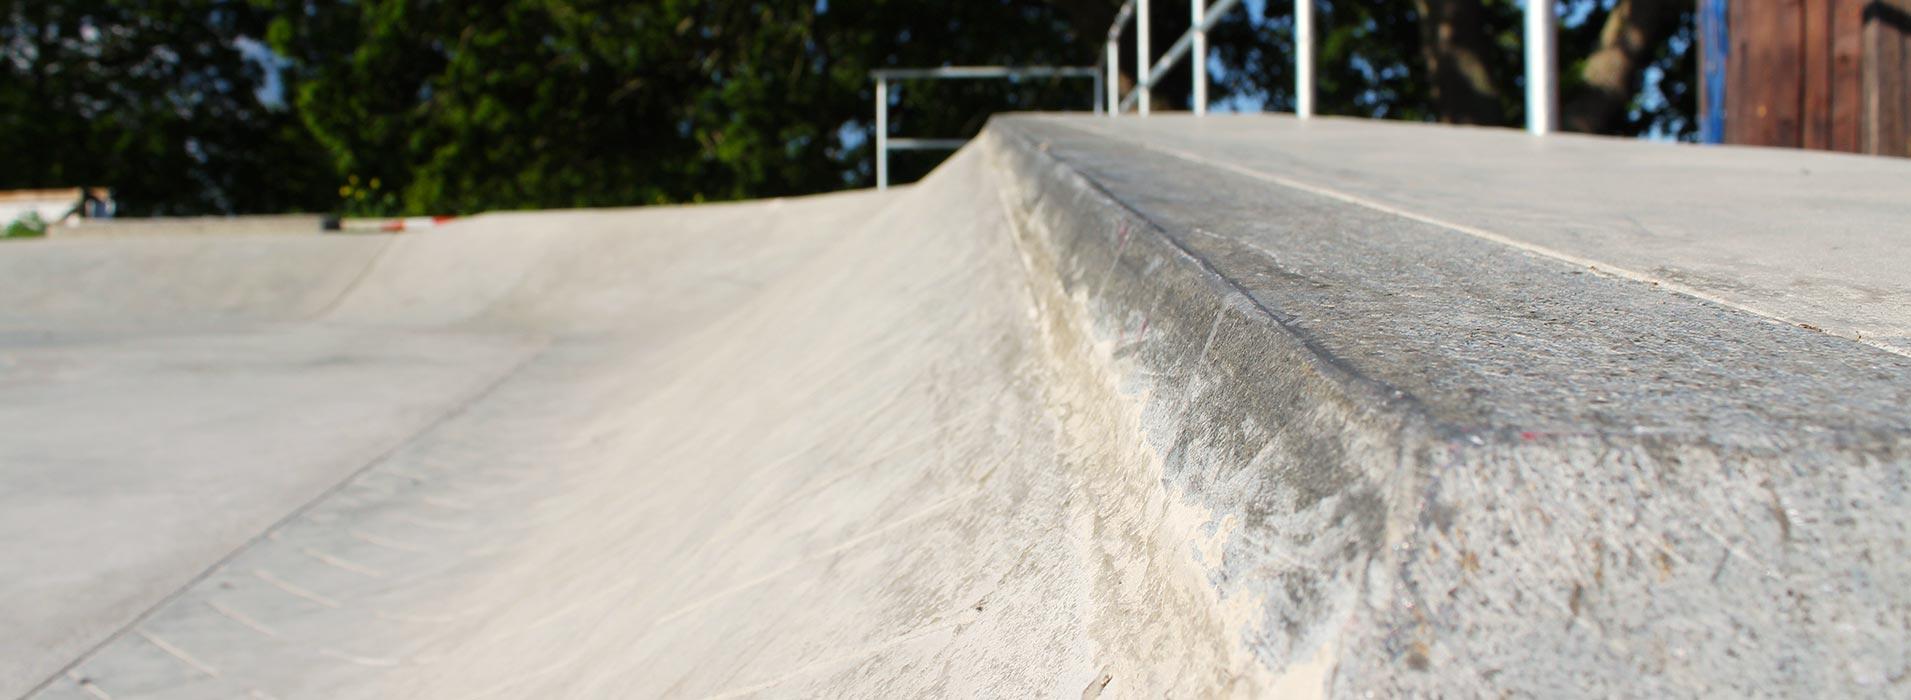 slider_skatepark_8